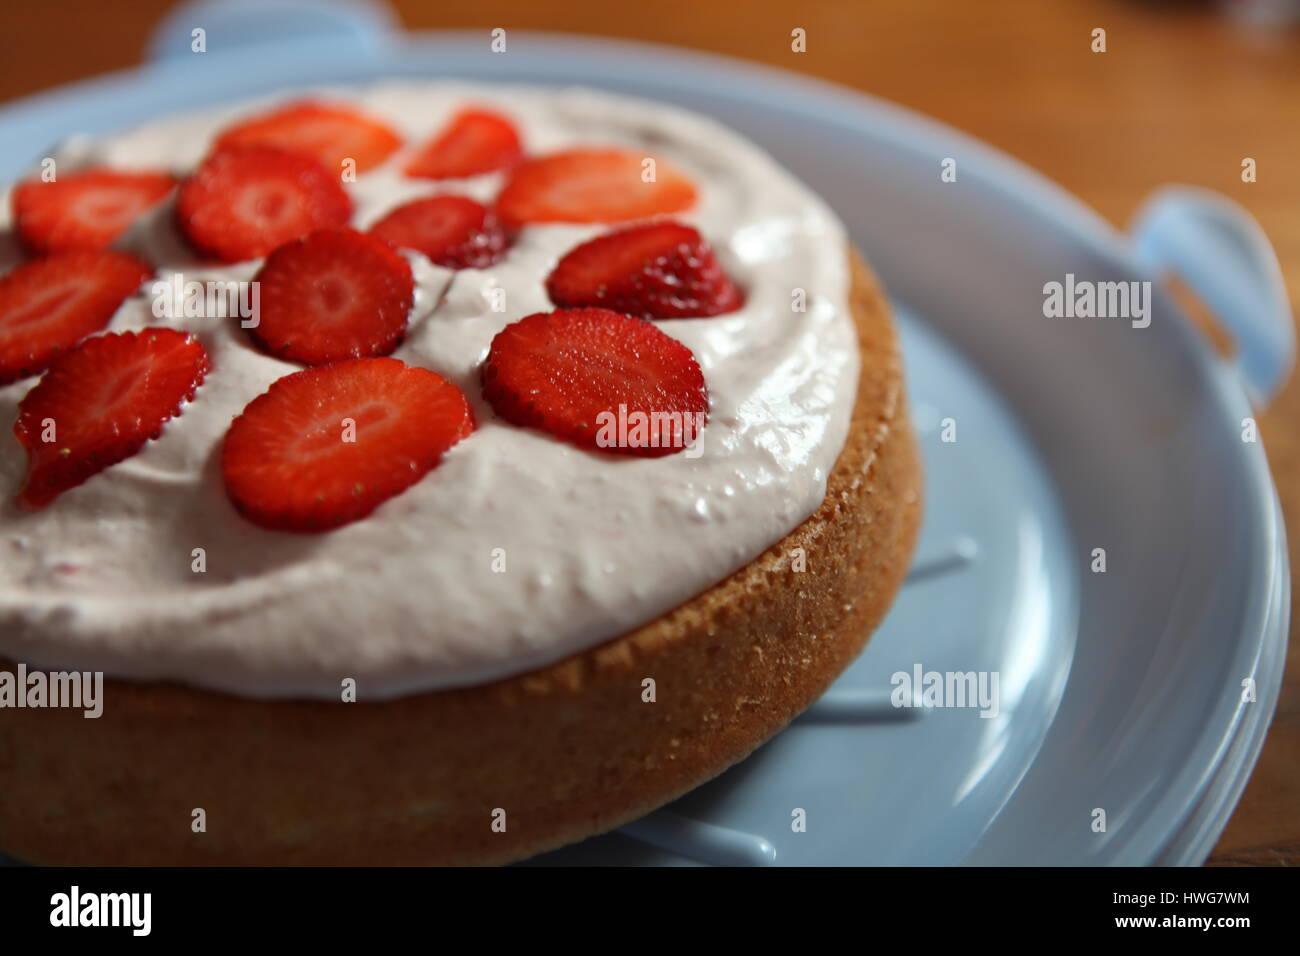 Die Mitte des Kuchens Erdbeeren hinzufügen Stockbild